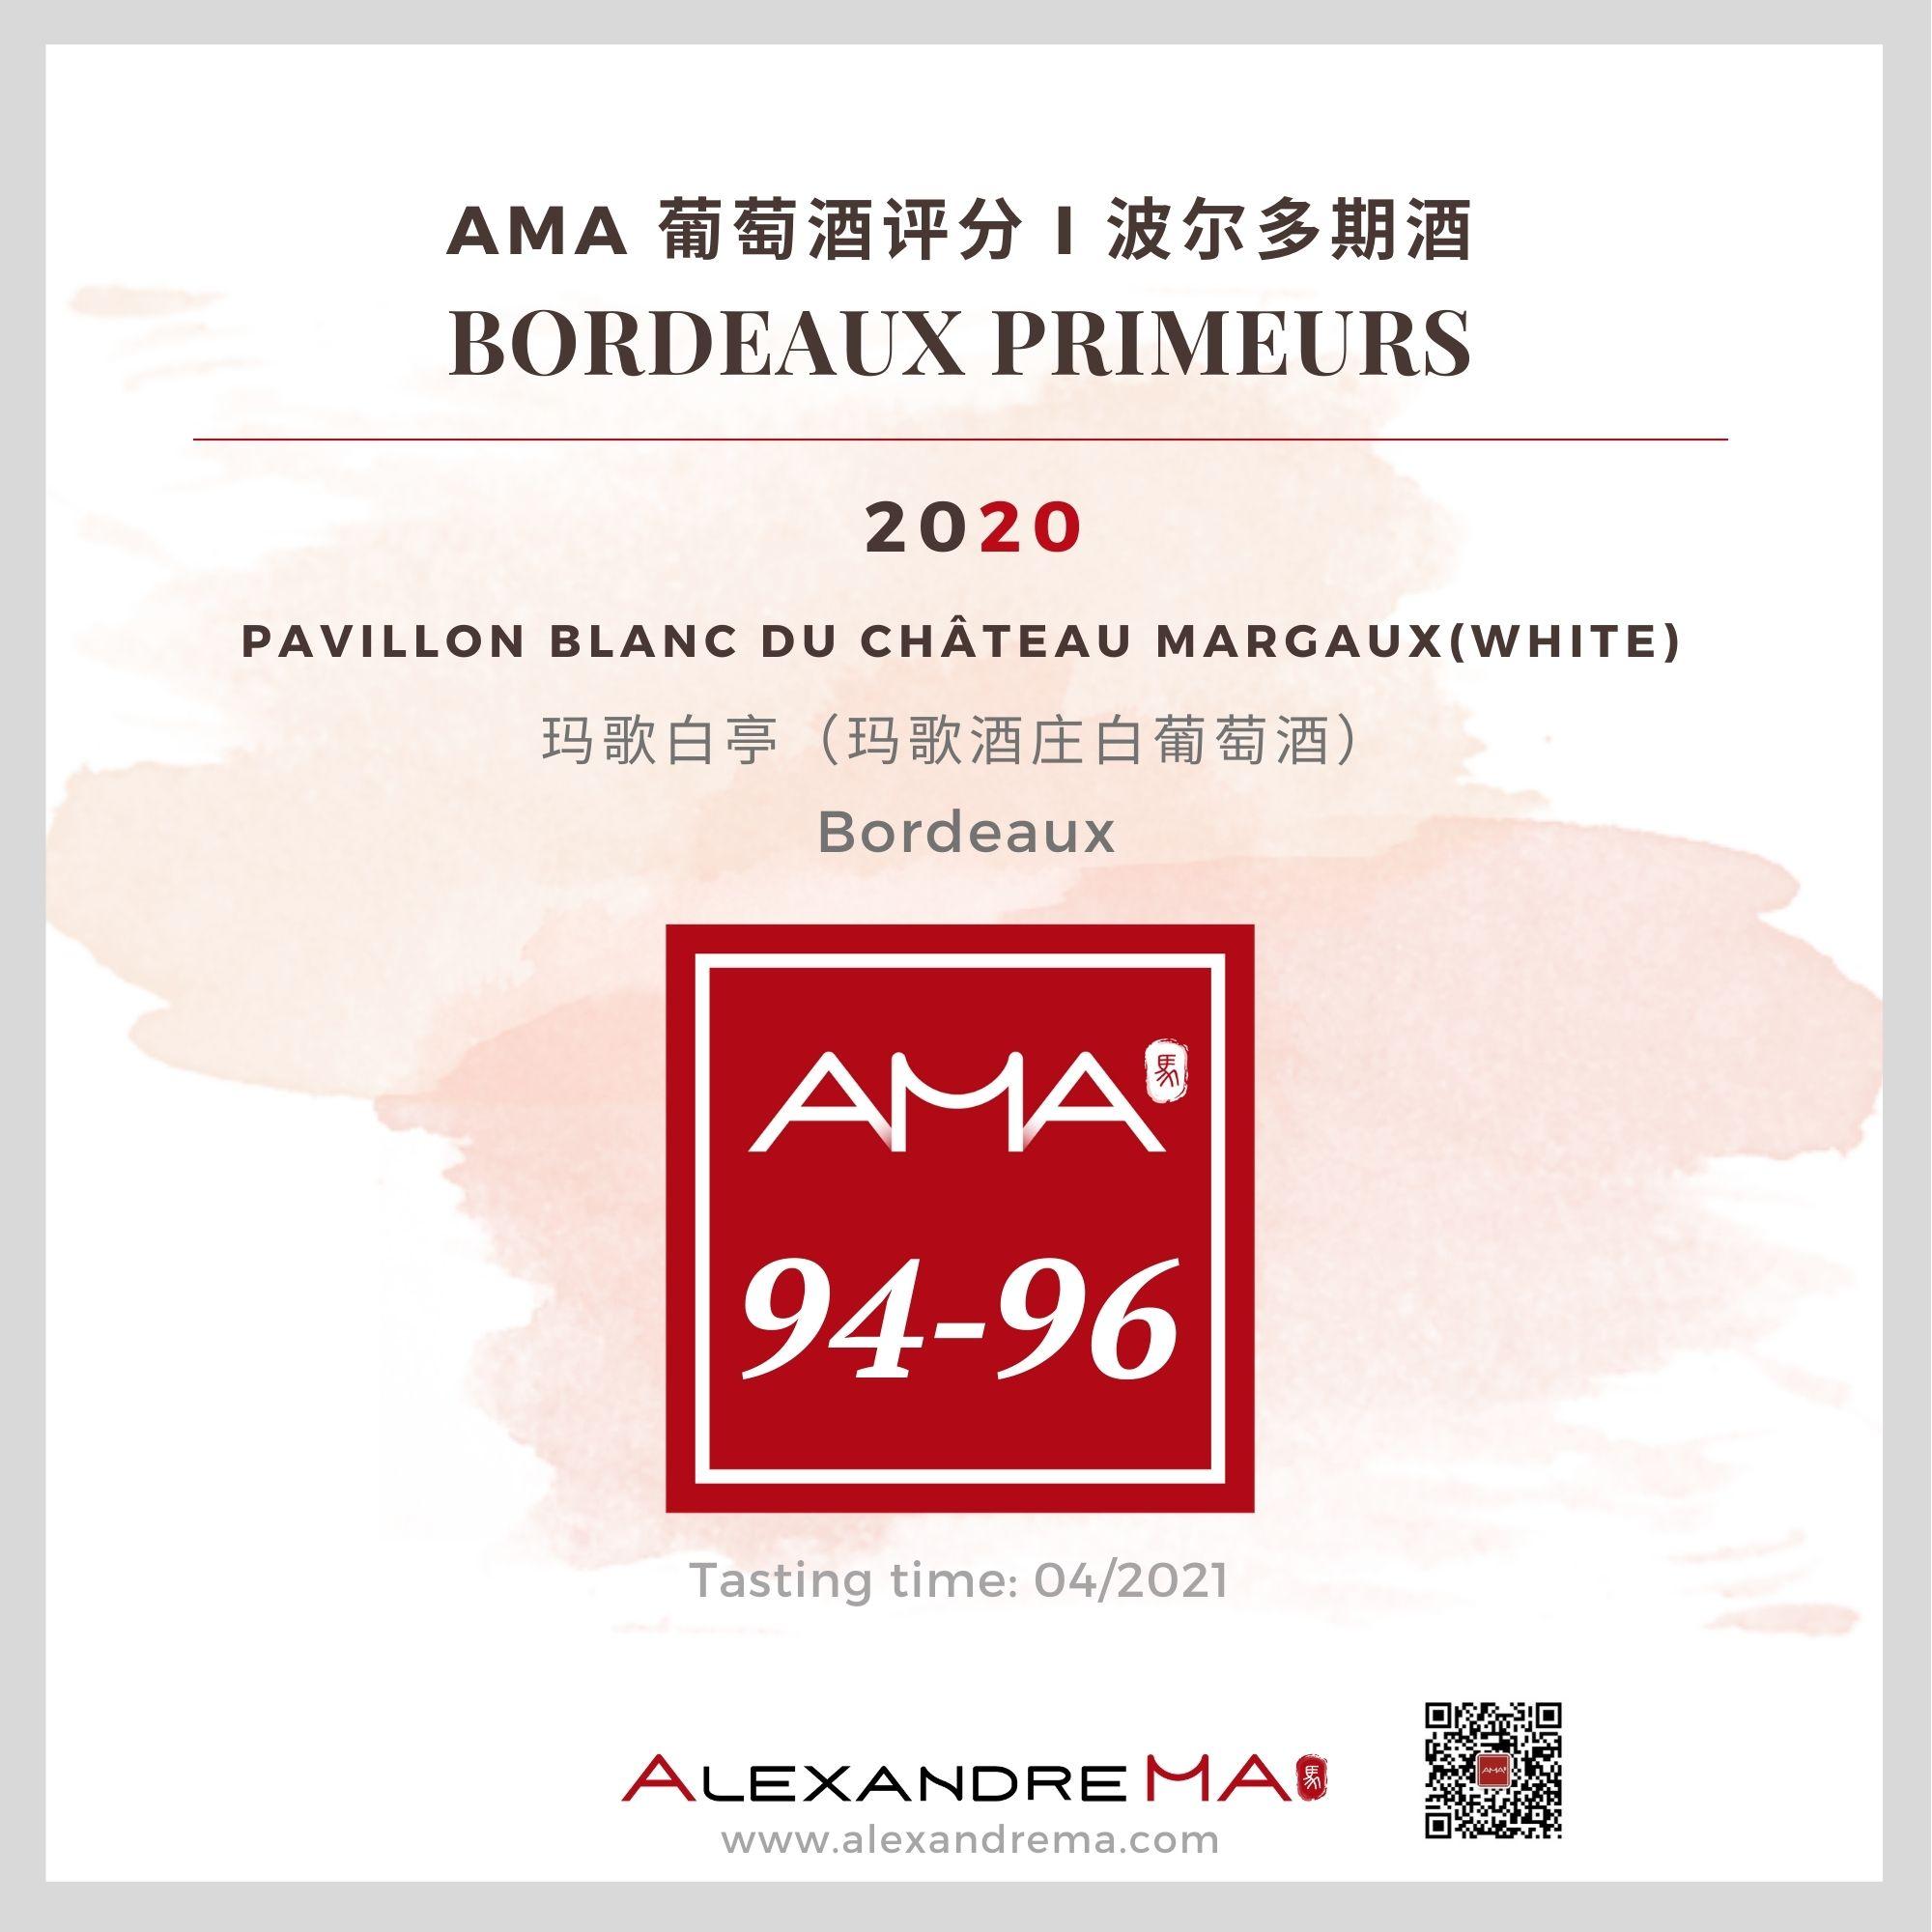 Château Margaux – Pavillon Blanc du Château Margaux 2020 玛歌白亭 - Alexandre Ma